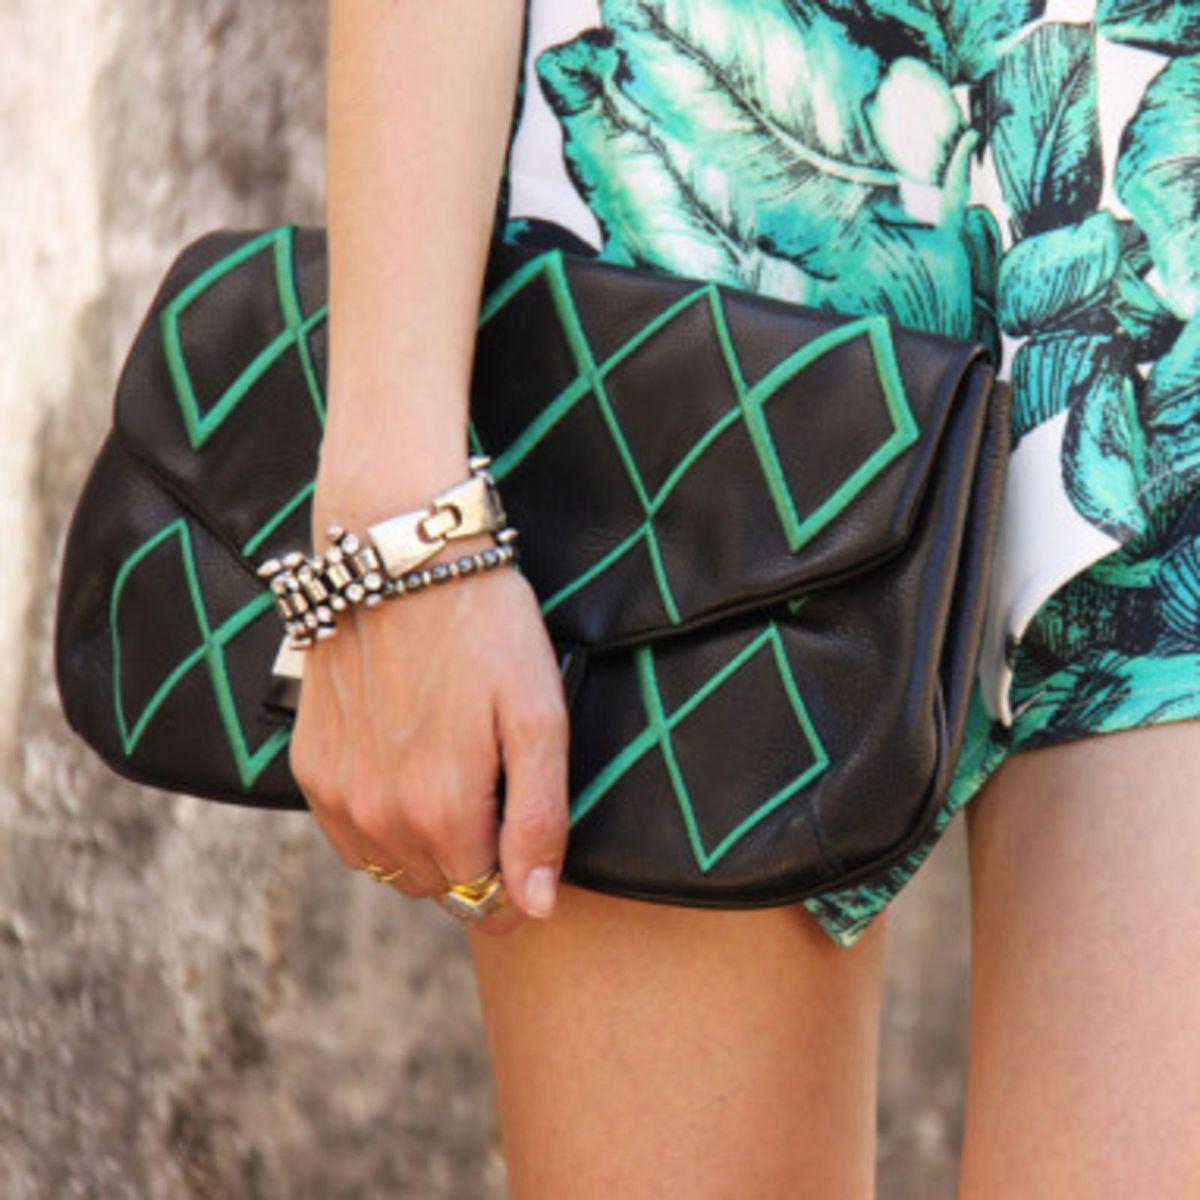 clutch geométrica preto e verde - clutches lucchetto